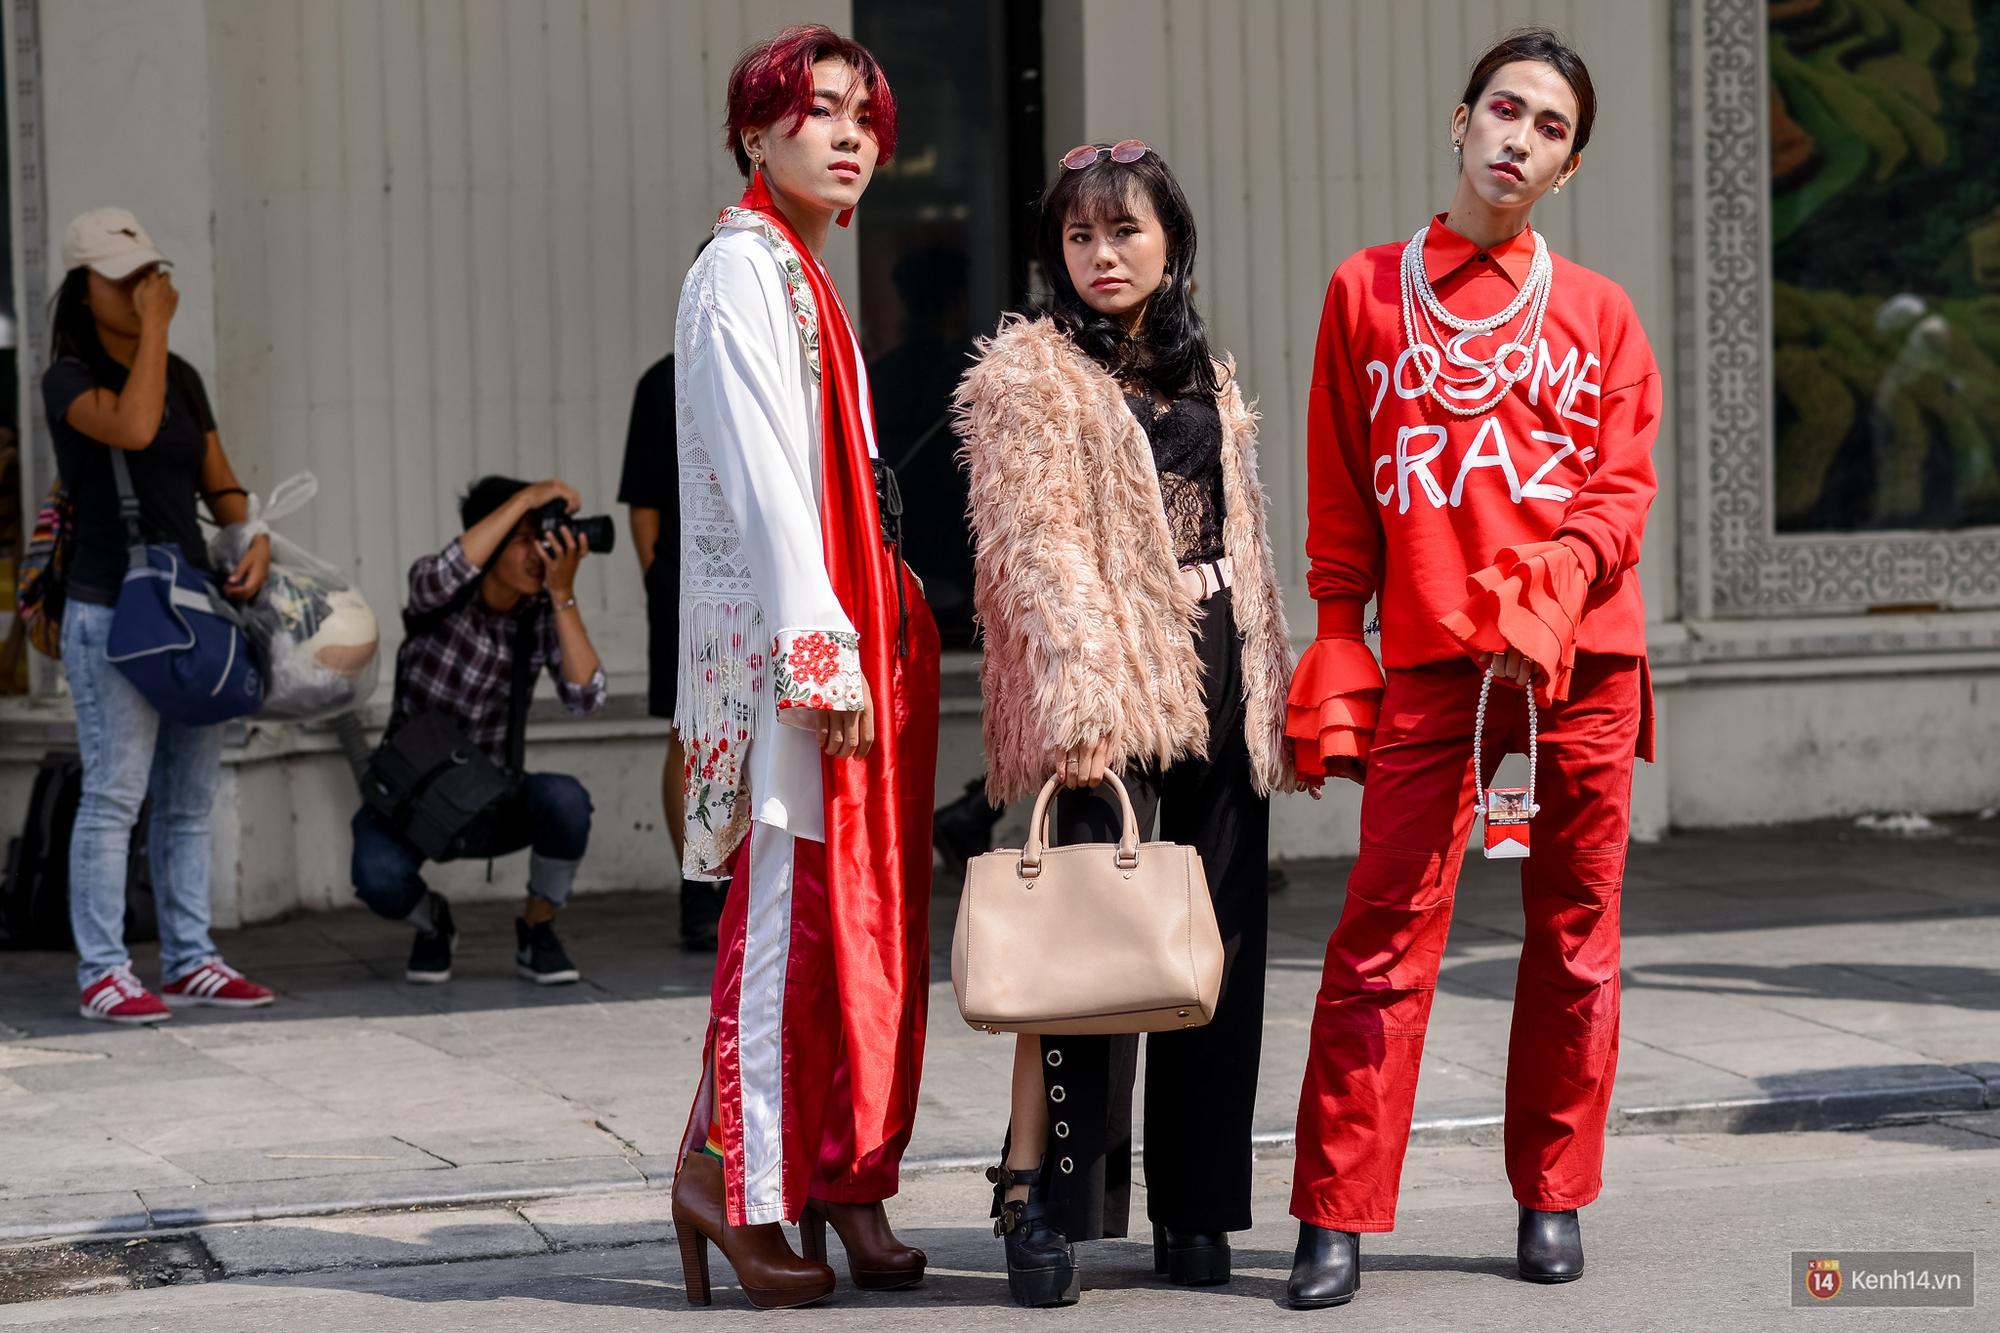 Street style ngày đầu VIFW: Giới trẻ Hà Nội ăn vận lồng lộn hơn hẳn năm trước, các nhóc tì mặc chất gây bão phố đi bộ - Ảnh 8.